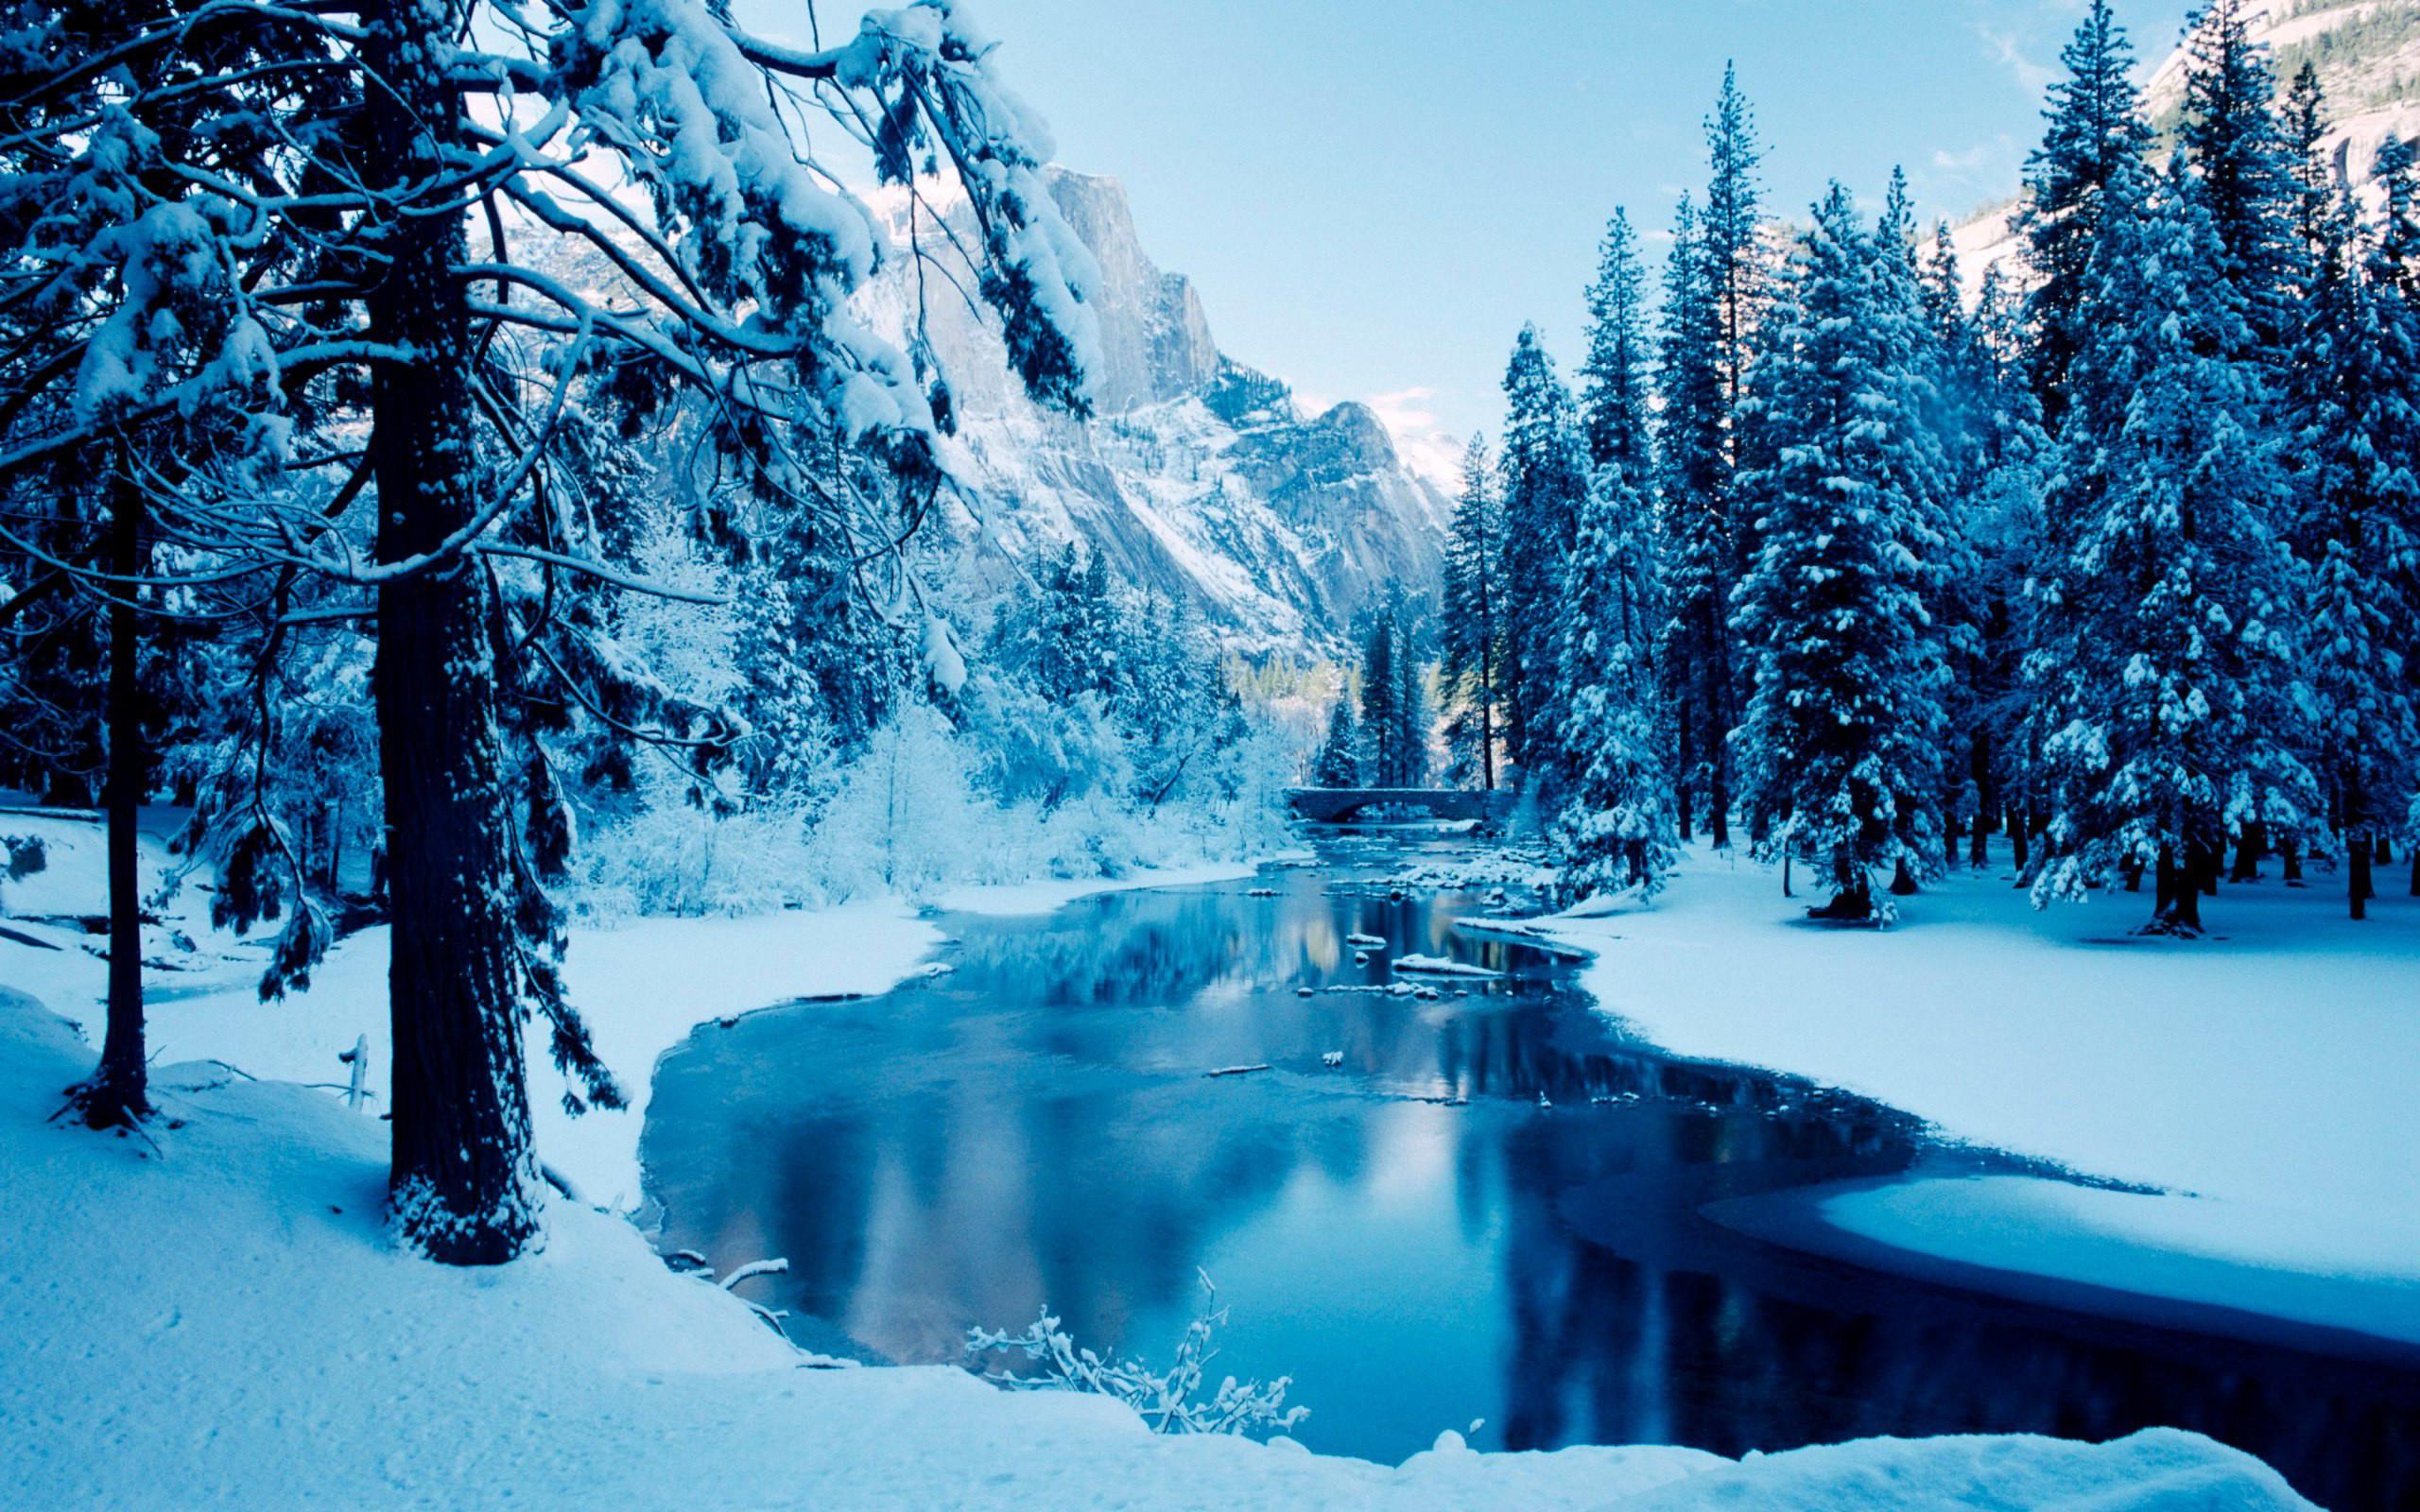 Winter Scenes Desktop Backgrounds (54 Wallpapers)